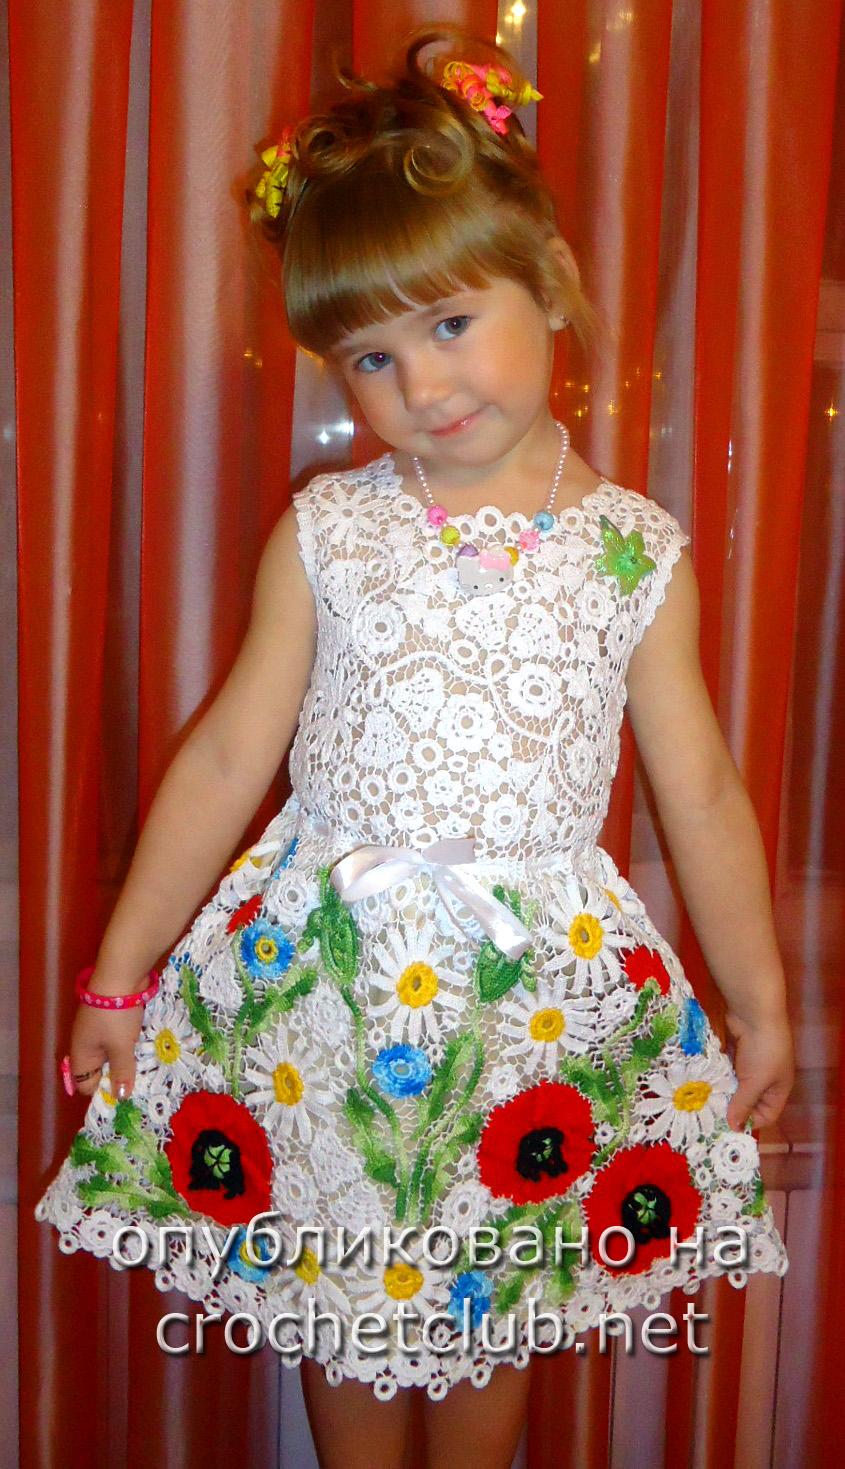 Кружево для платья фото